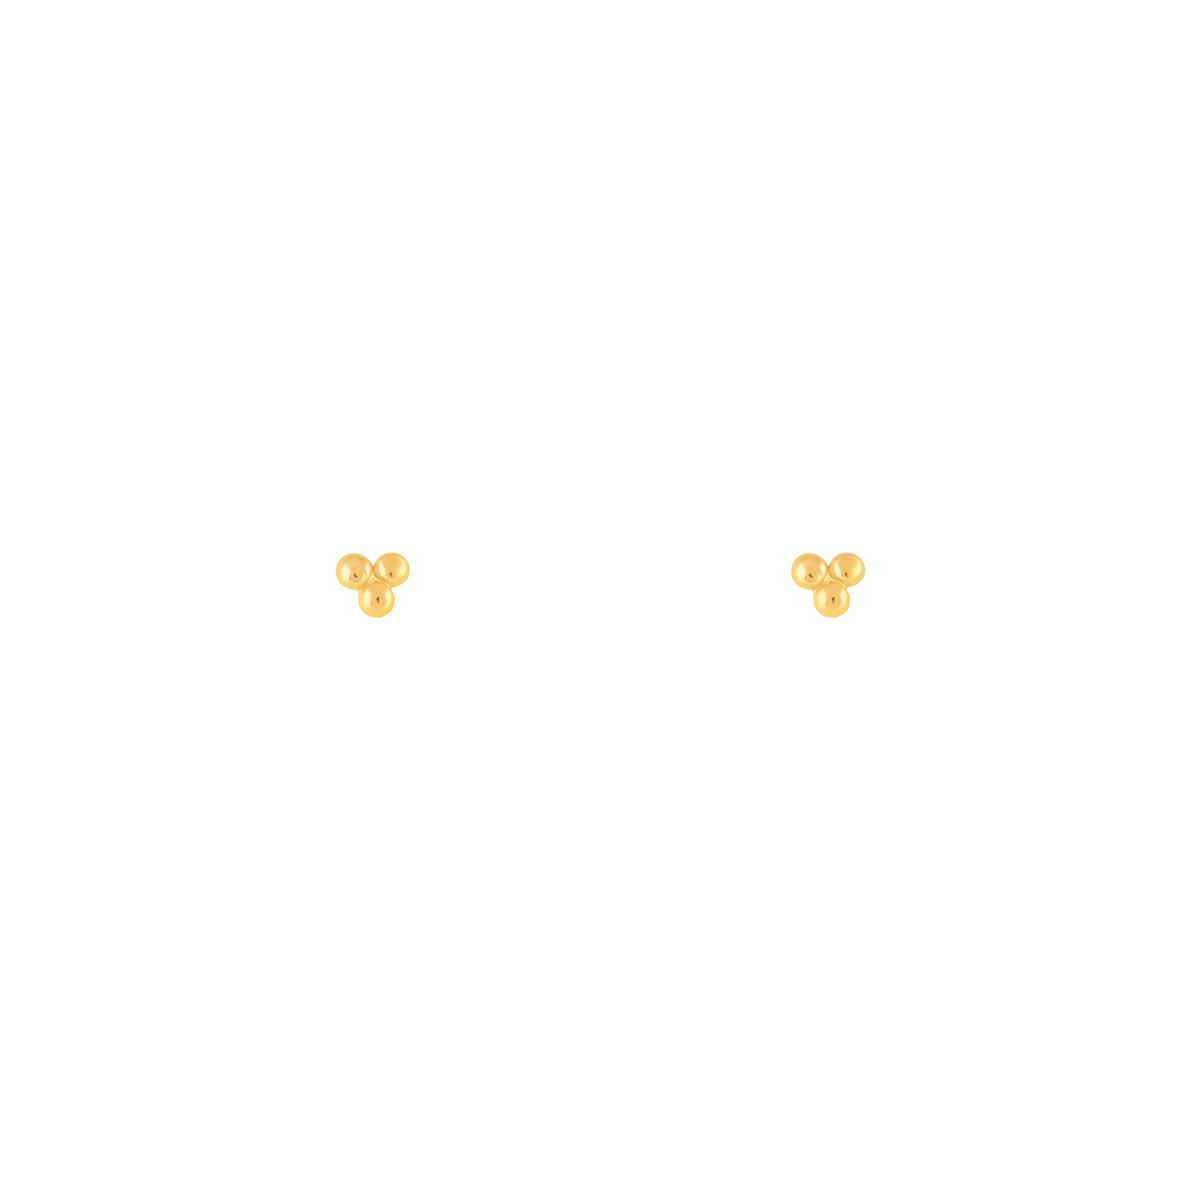 گوشواره طلا مثلث توپی